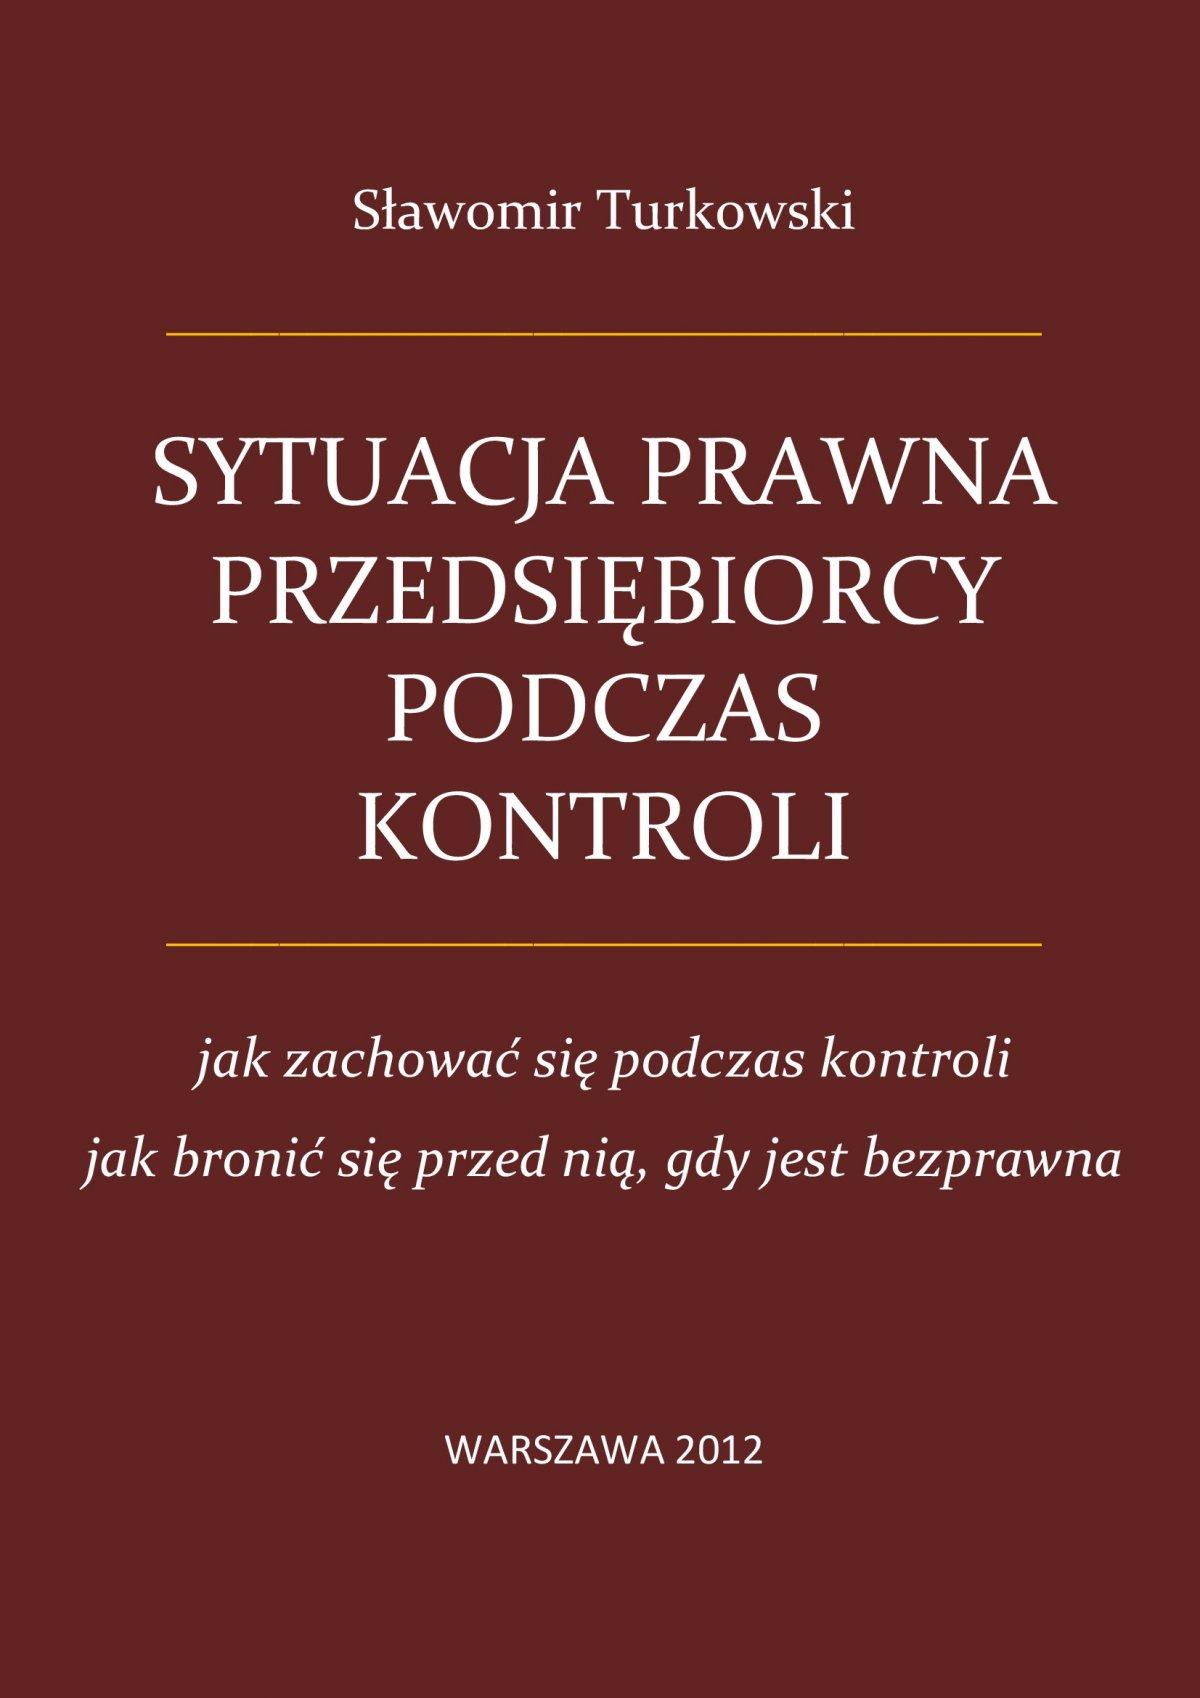 Sytuacja prawna przedsiębiorcy podczas kontroli - Ebook (Książka PDF) do pobrania w formacie PDF